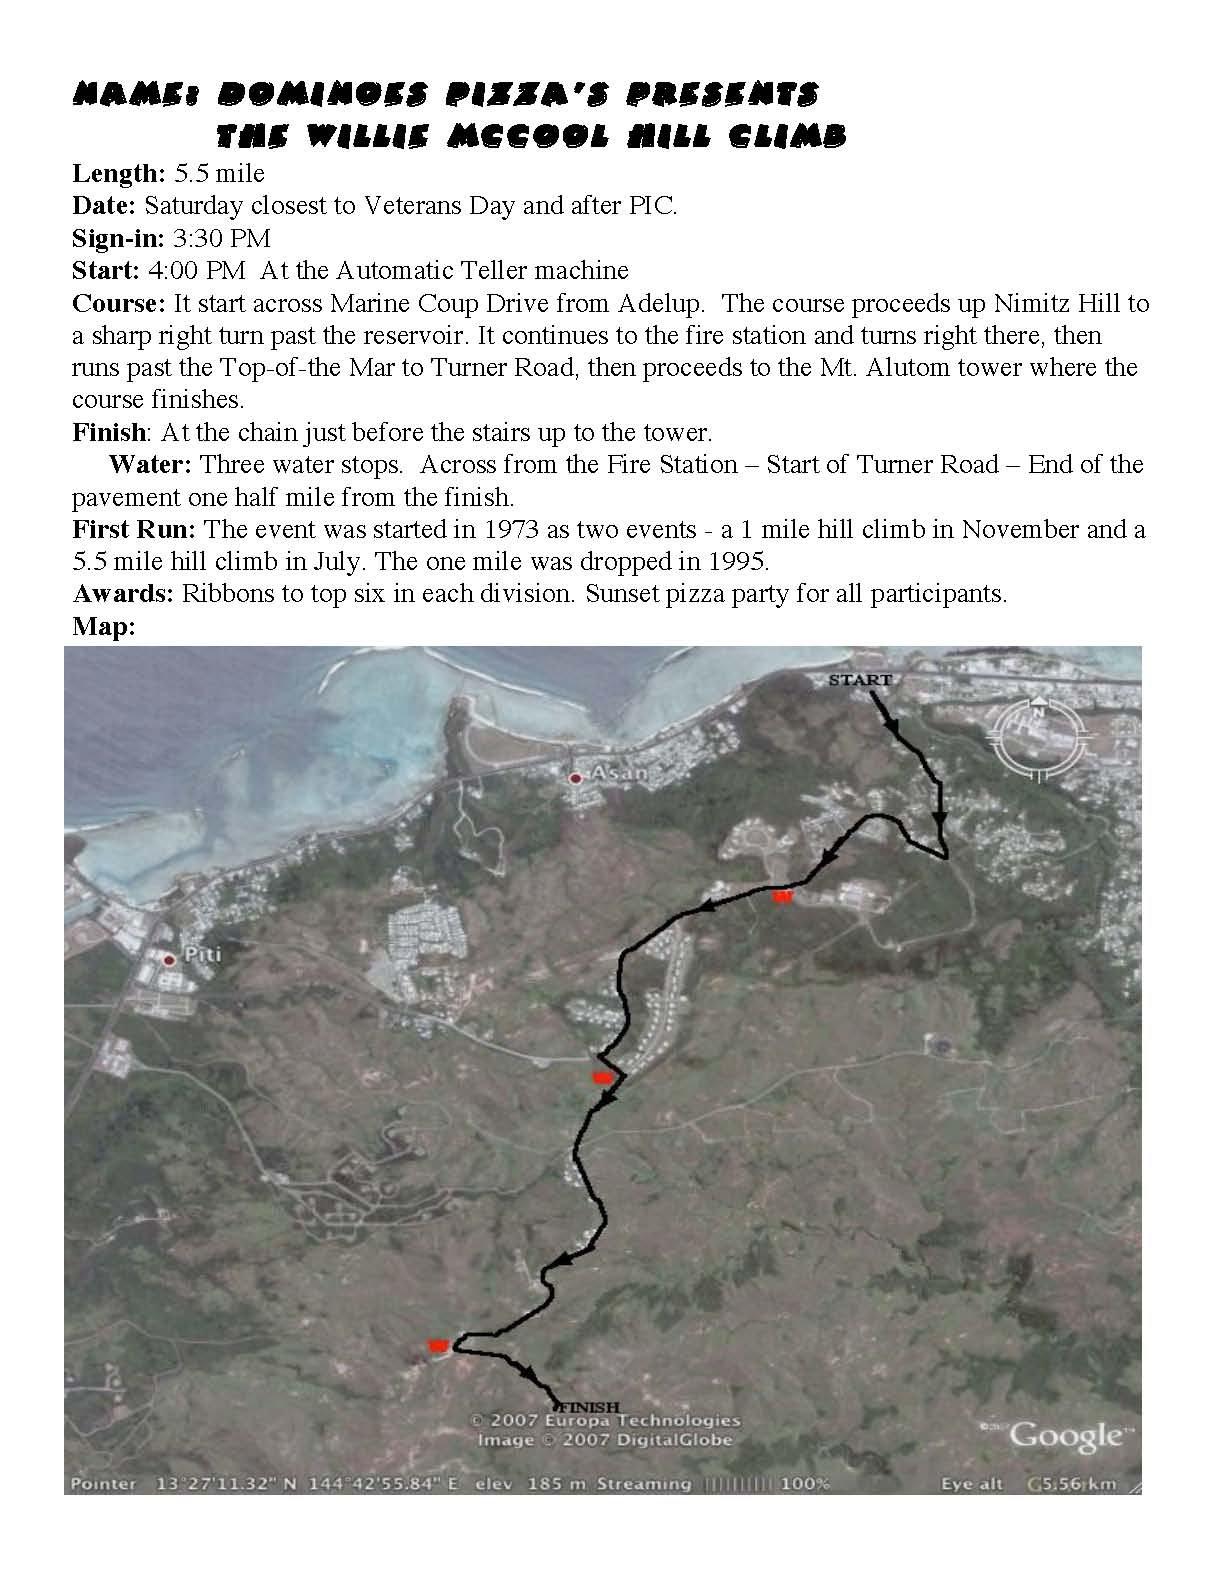 W. McCool Hill Climb 5.5M